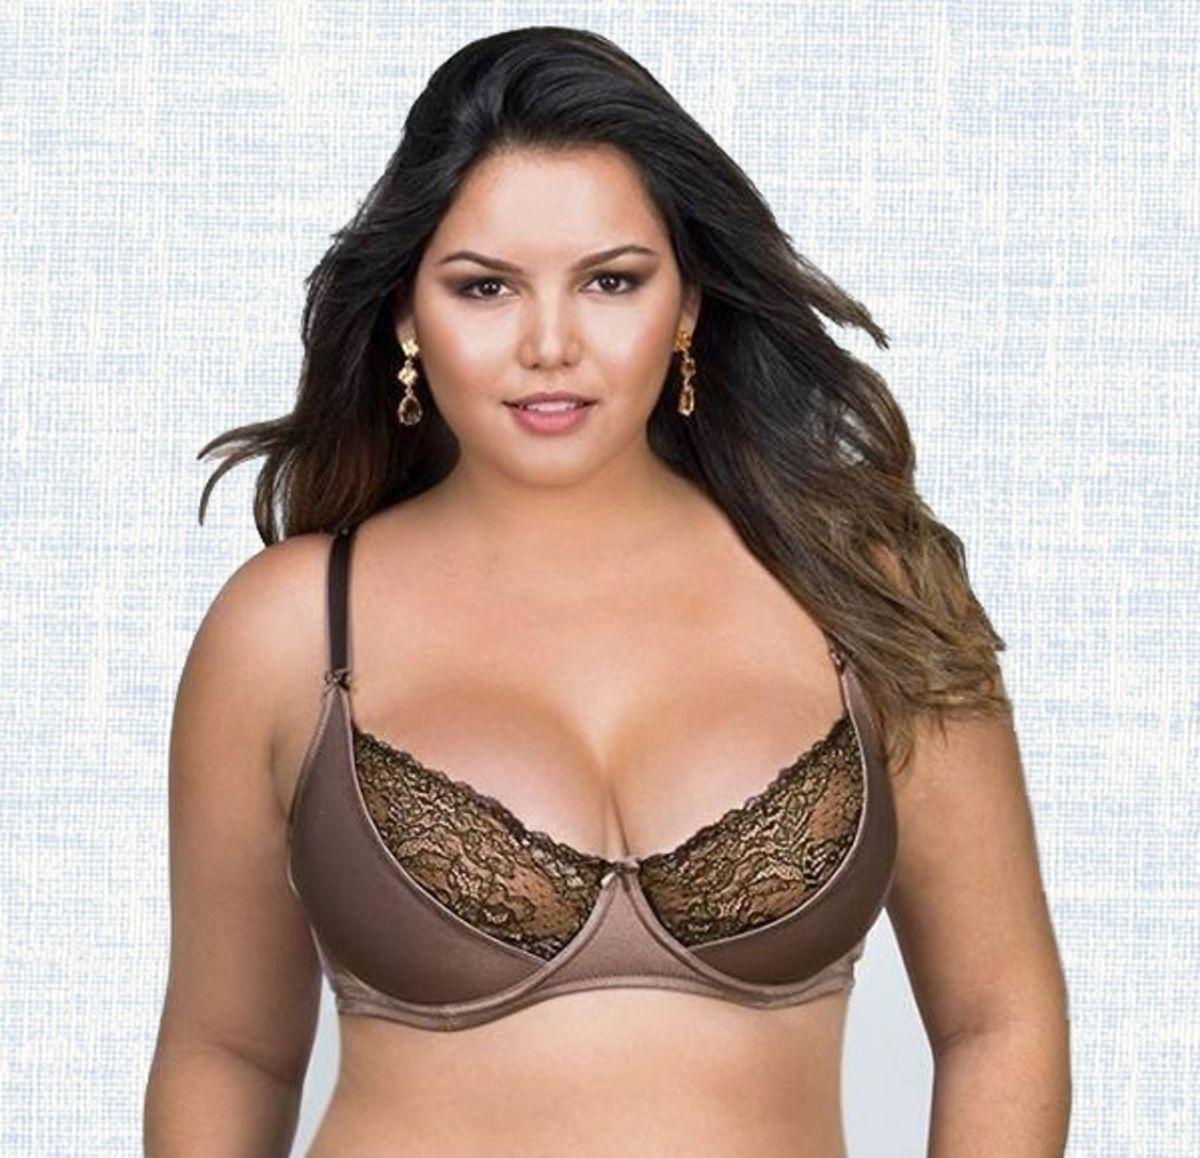 15ab559ca sutiã topázio plus size - lingerie demillus.  Czm6ly9wag90b3muzw5qb2vplmnvbs5ici9wcm9kdwn0cy82nzq3odk0lzyxmzhlywe0odawmzvmnzawzwe4mzmxmdcxnwnkzgq5lmpwzw